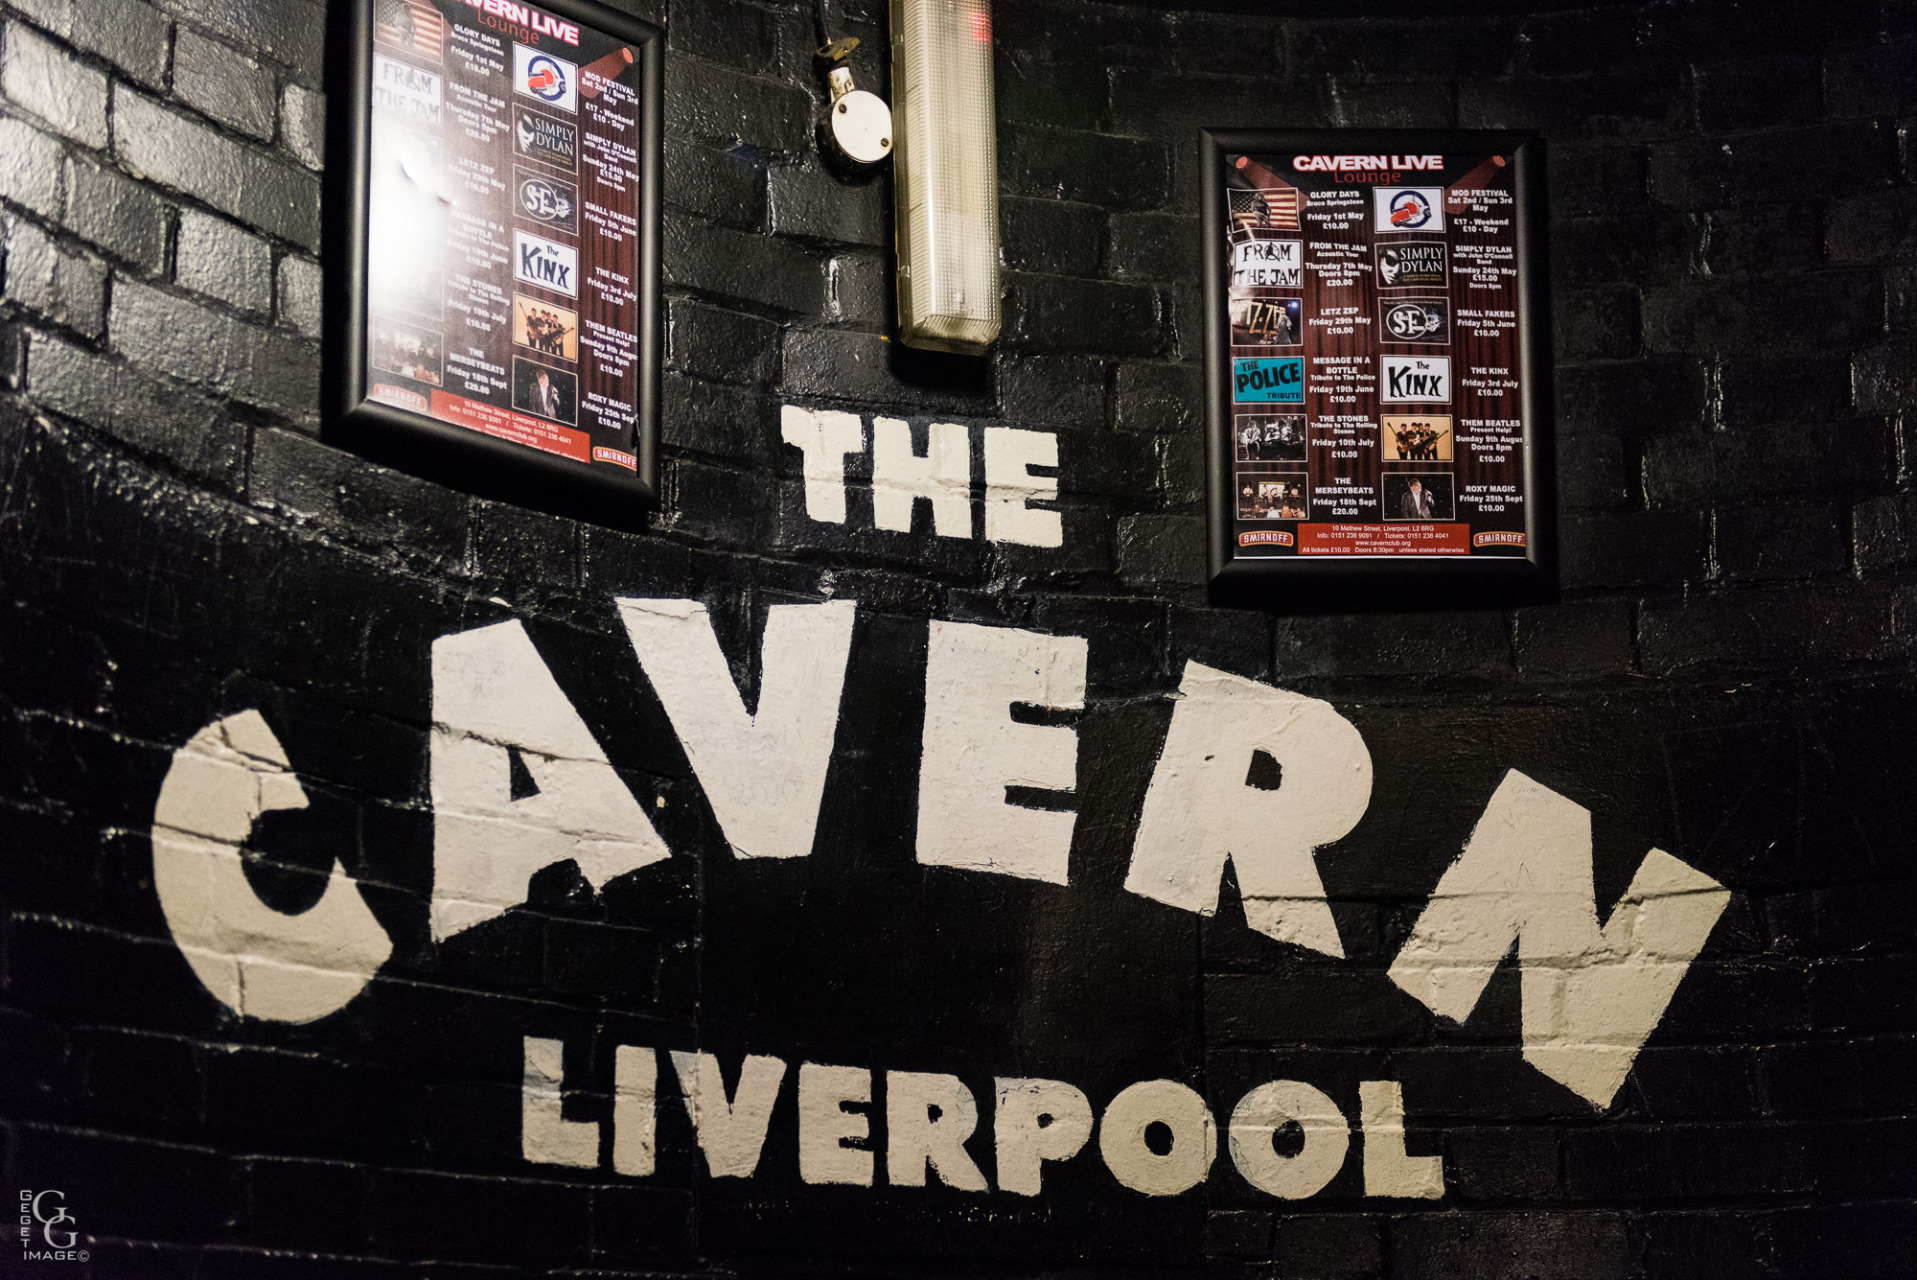 The Cavern des débuts.